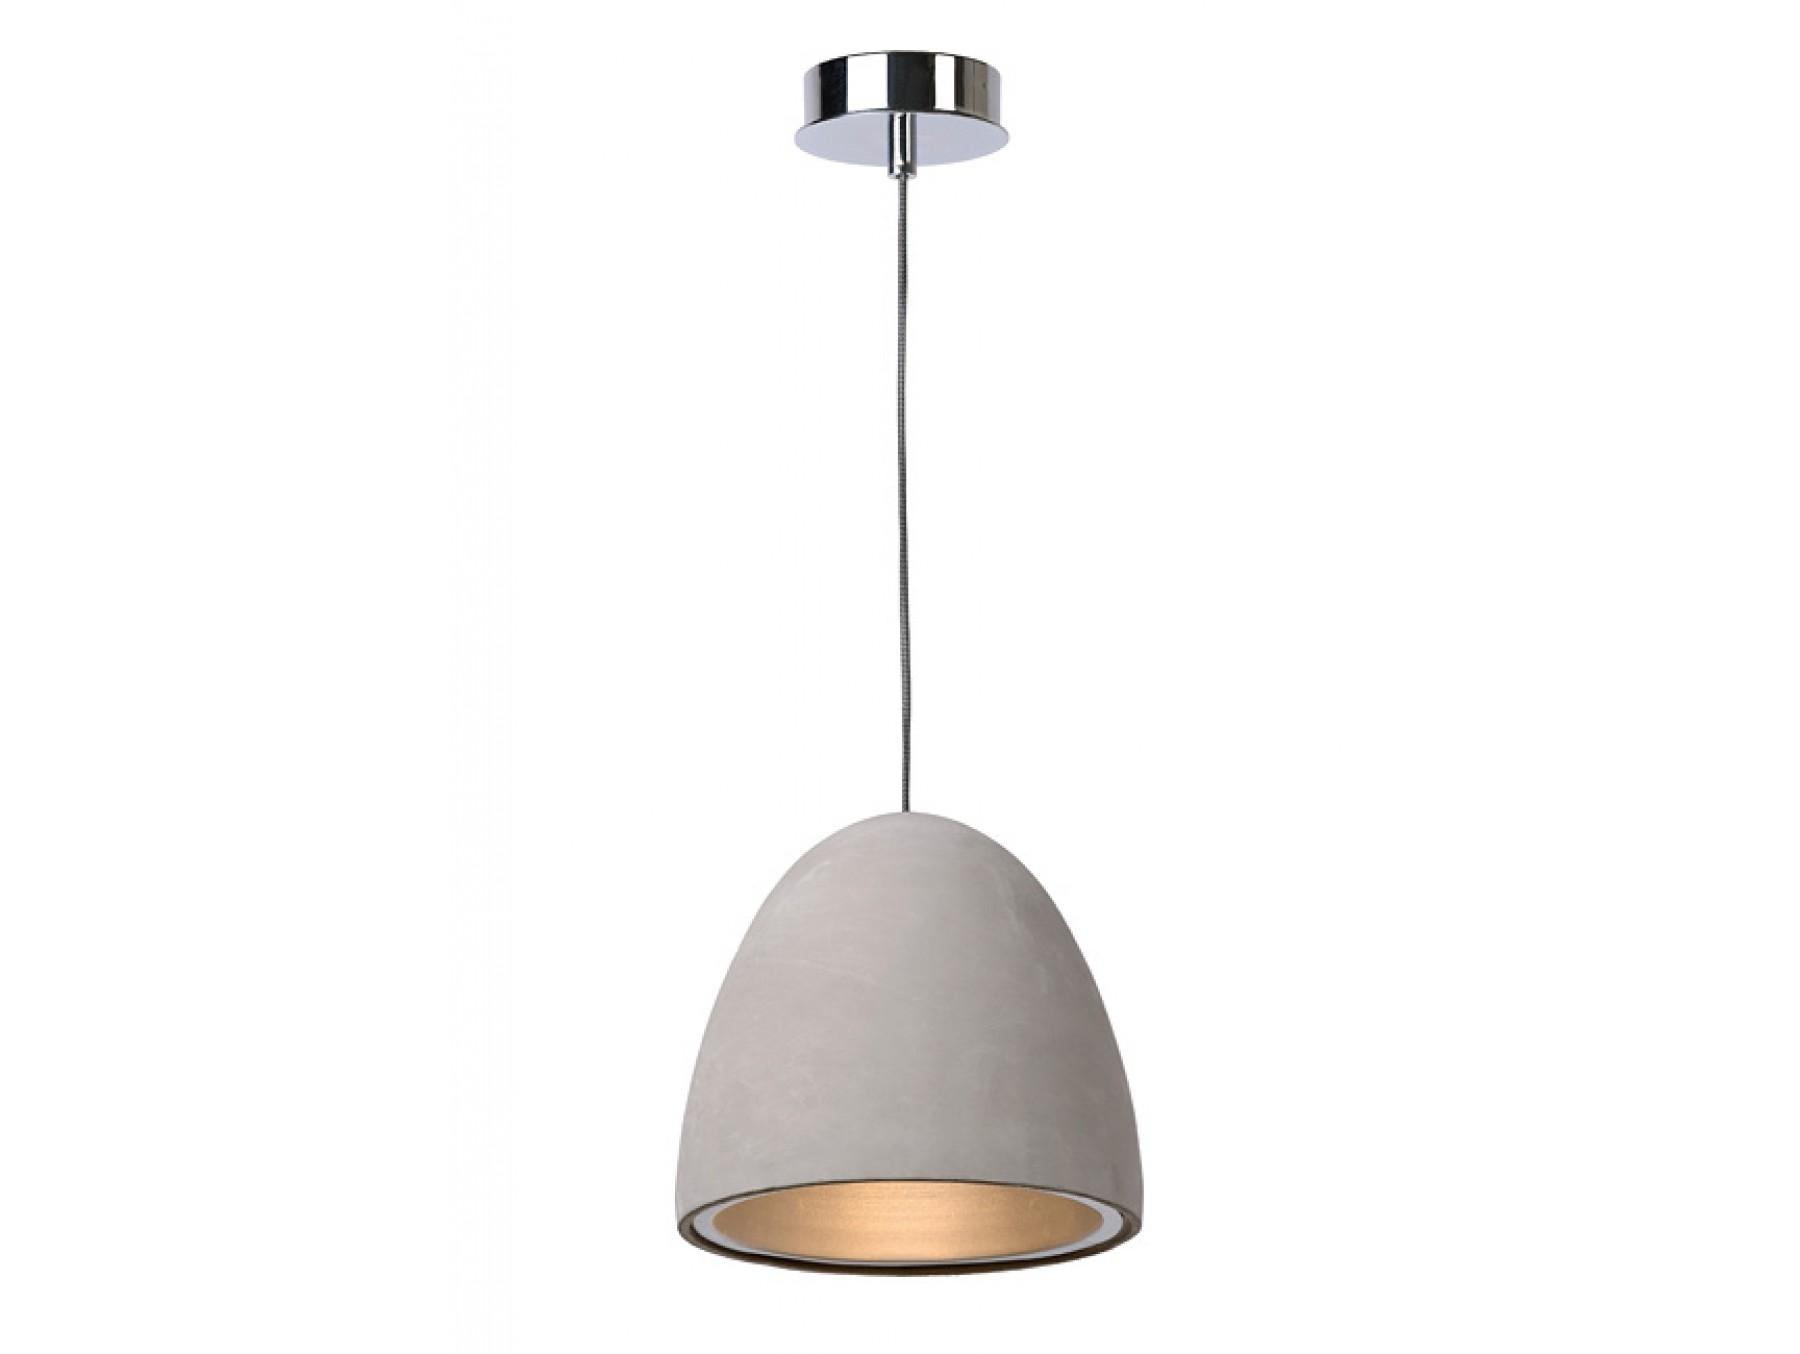 Подвесной светильник SOLOПодвесные светильники<br>основание: металл<br>плафон: бетон<br>диаметр: 21 см<br>высота: 120 см<br>Е27, ESL 15W, 1 лампочка (в комплект не входит)<br><br>Material: Металл<br>Высота см: 120.0